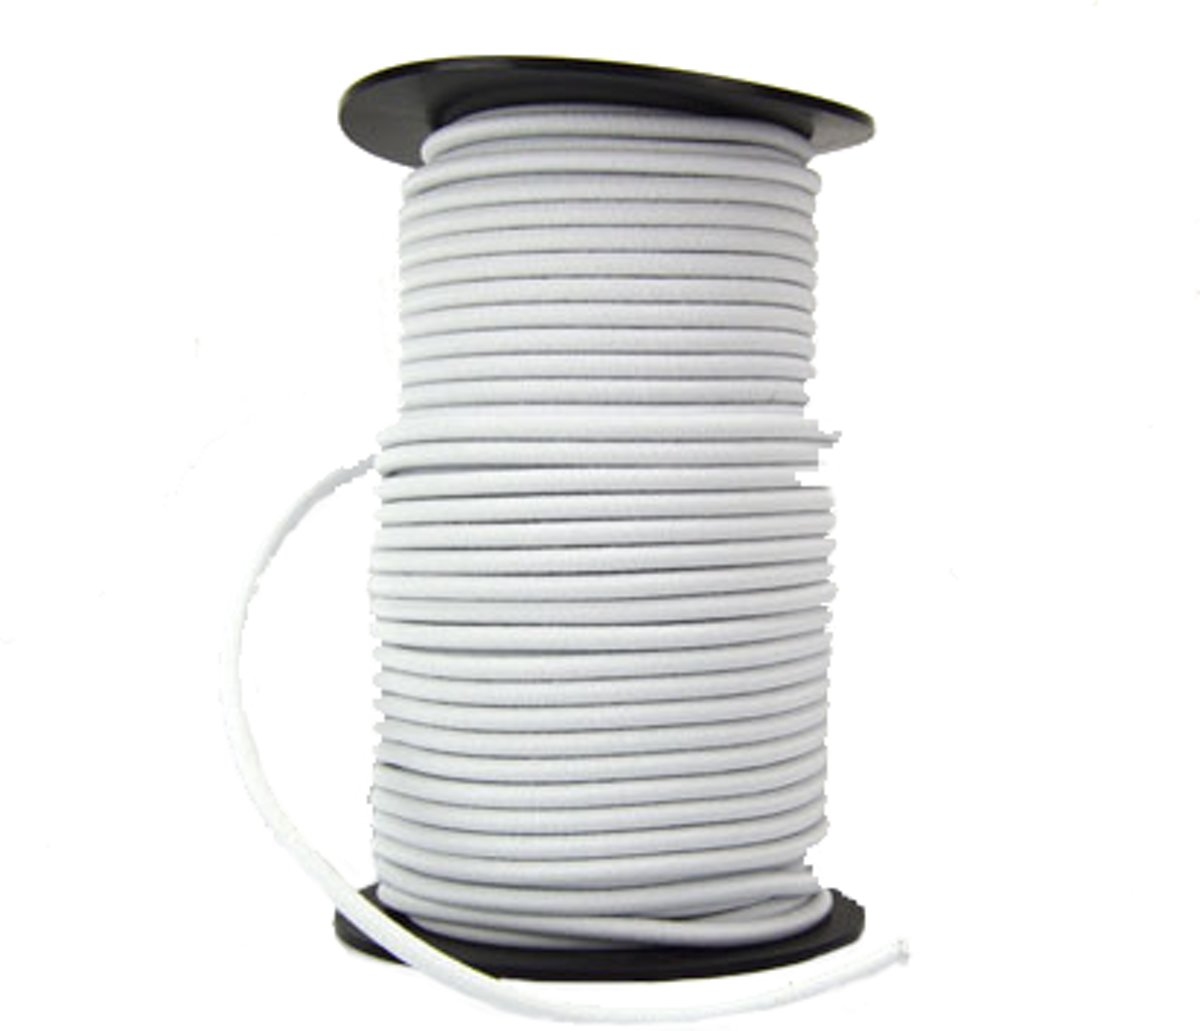 50 meter Elastisch Touw - 10 mm - WIT - elastiek op rol kopen